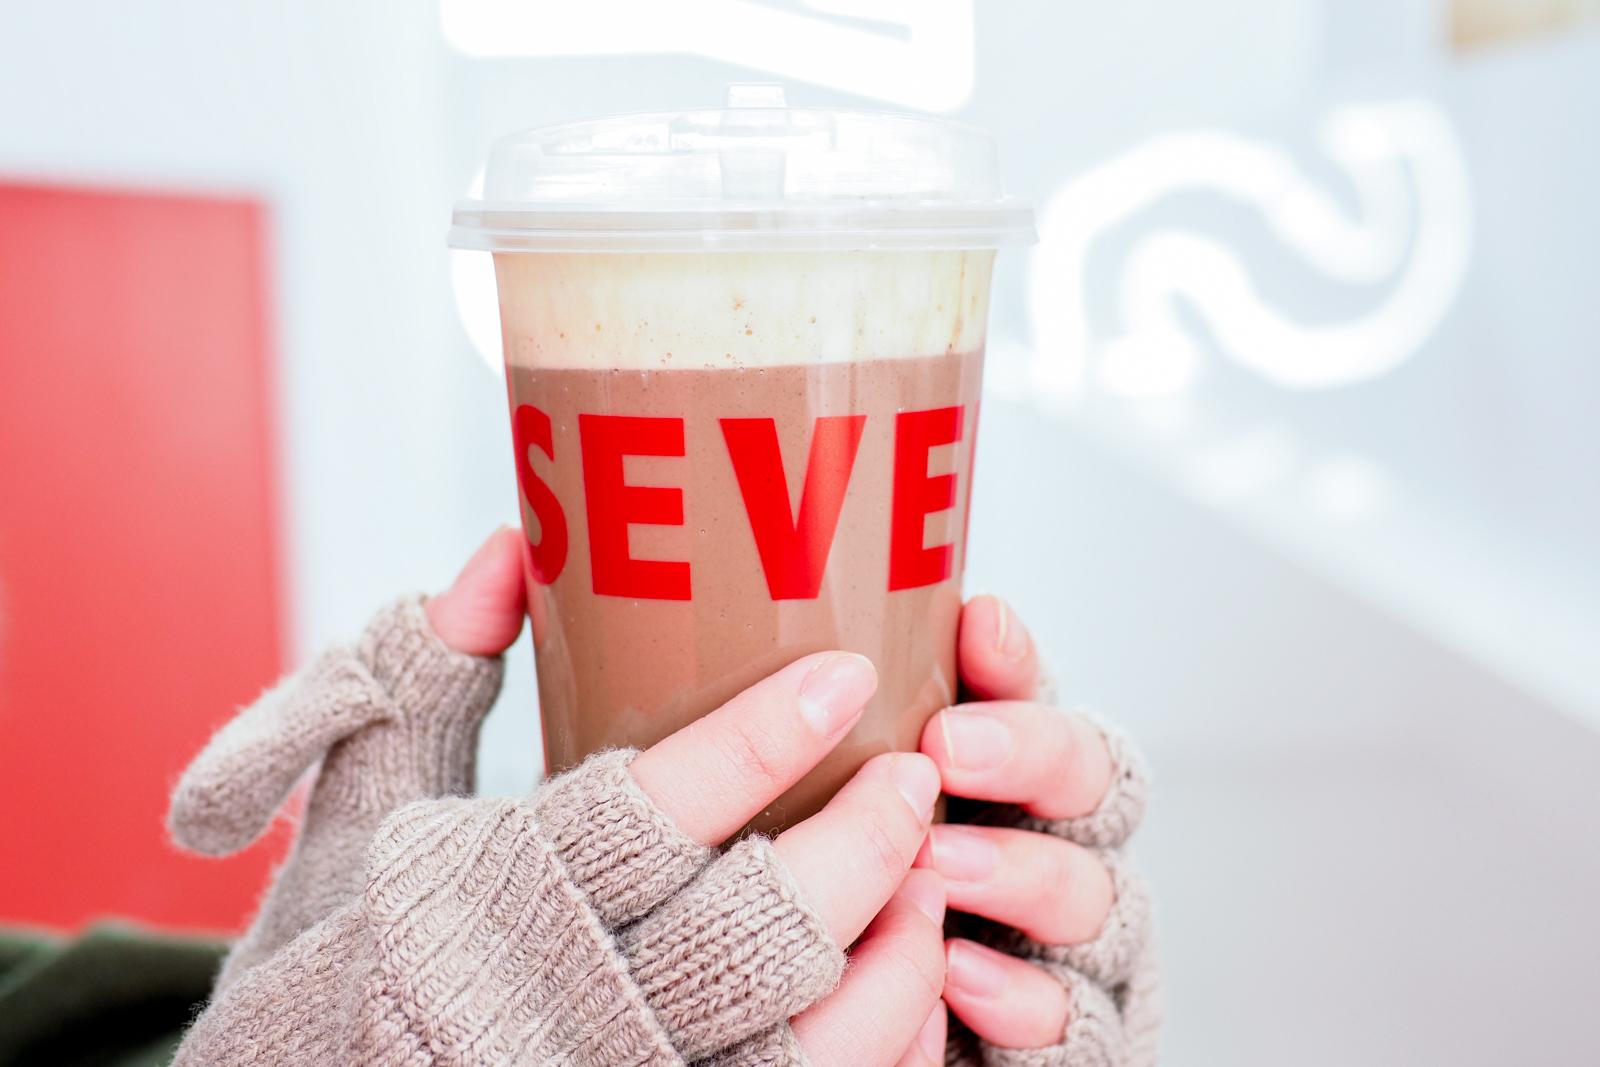 【中山站手搖飲推薦】SEVEN DAYS TEA 熱焙茶可可鮮奶讓你從頭暖到腳 寒流都免驚